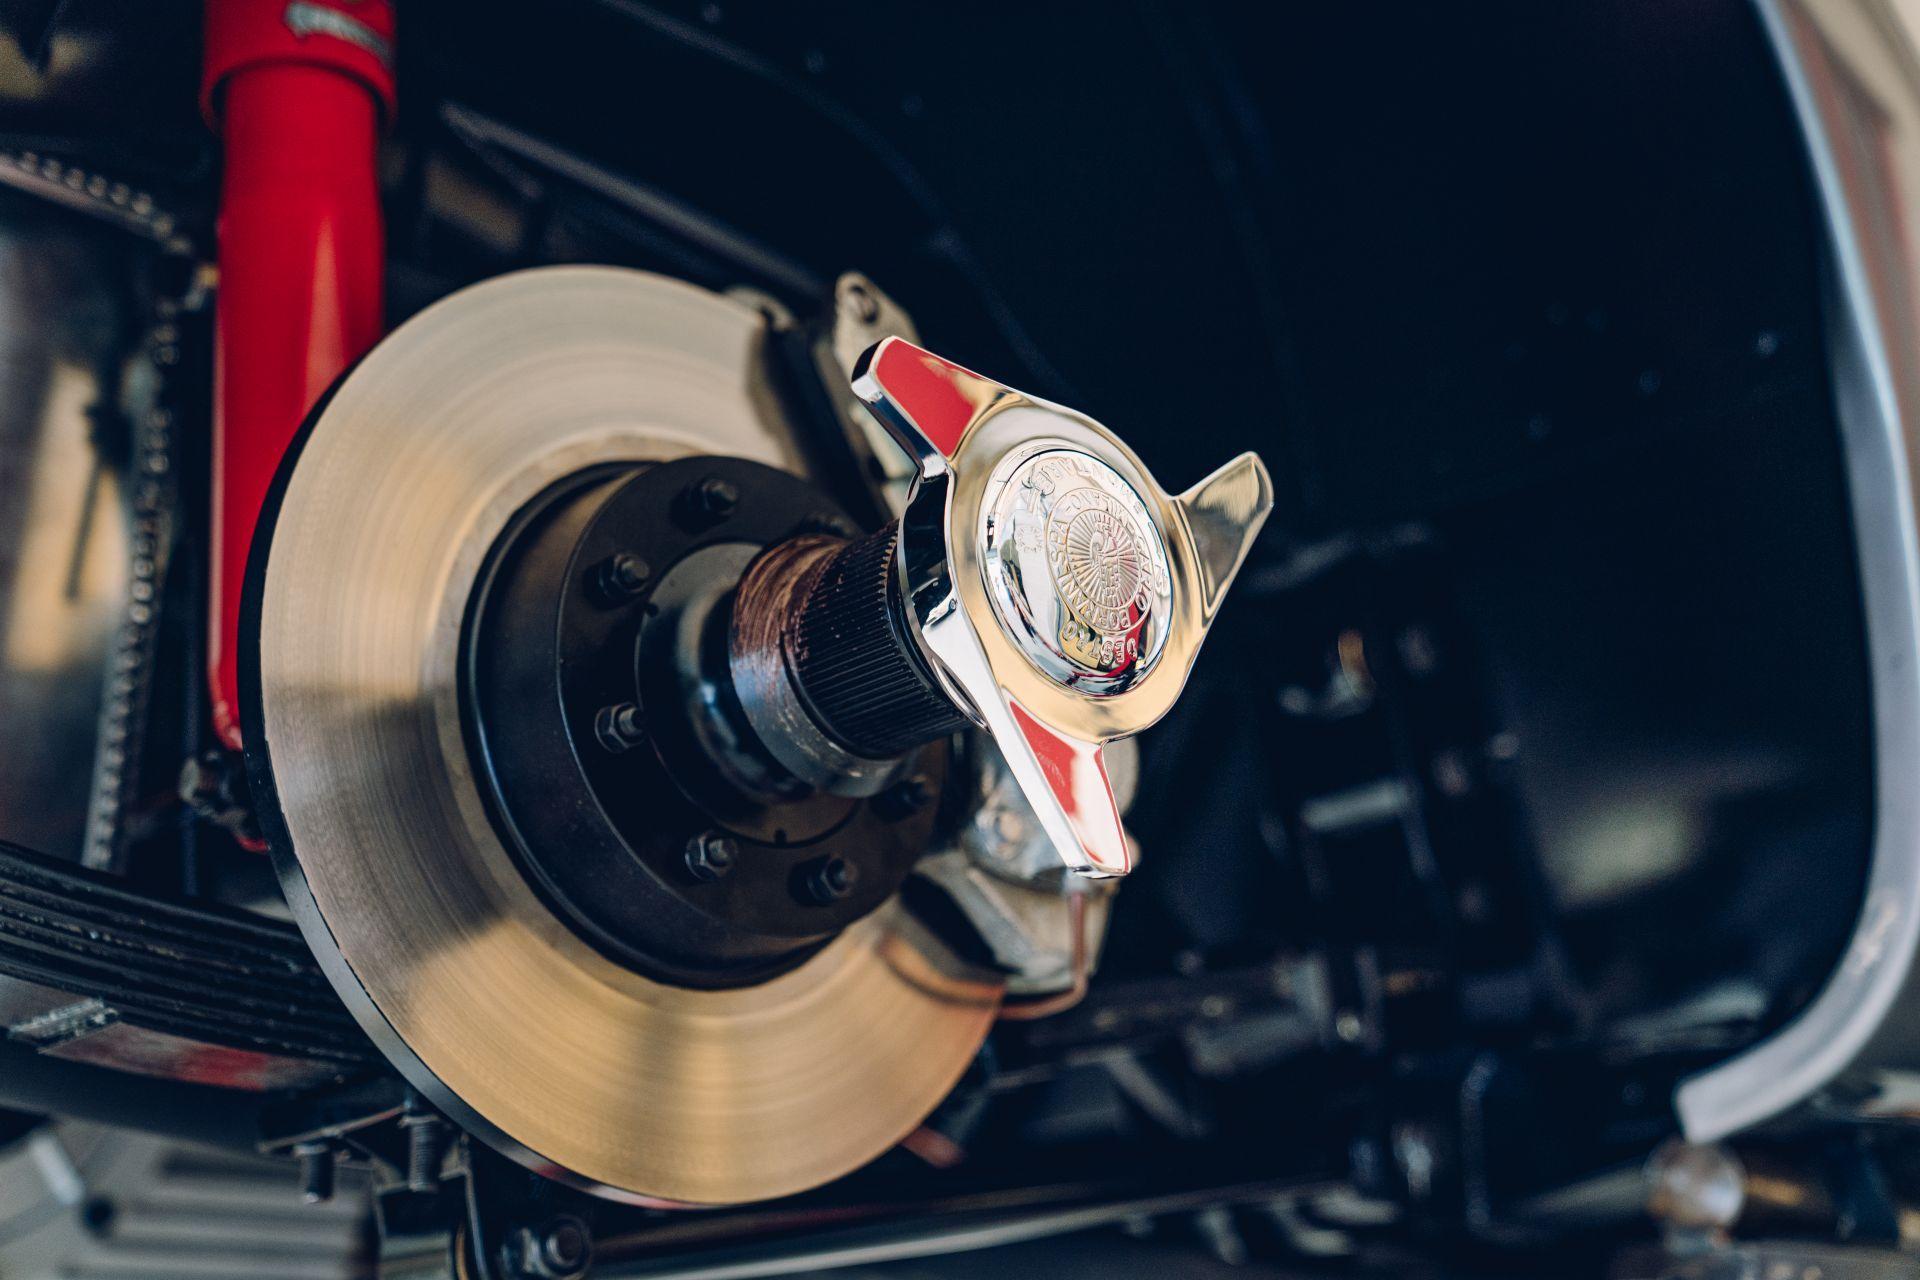 Ferrari-250-GT-SWB-Berlinetta-Competizione-Revival-by-GTO-Engineering-12